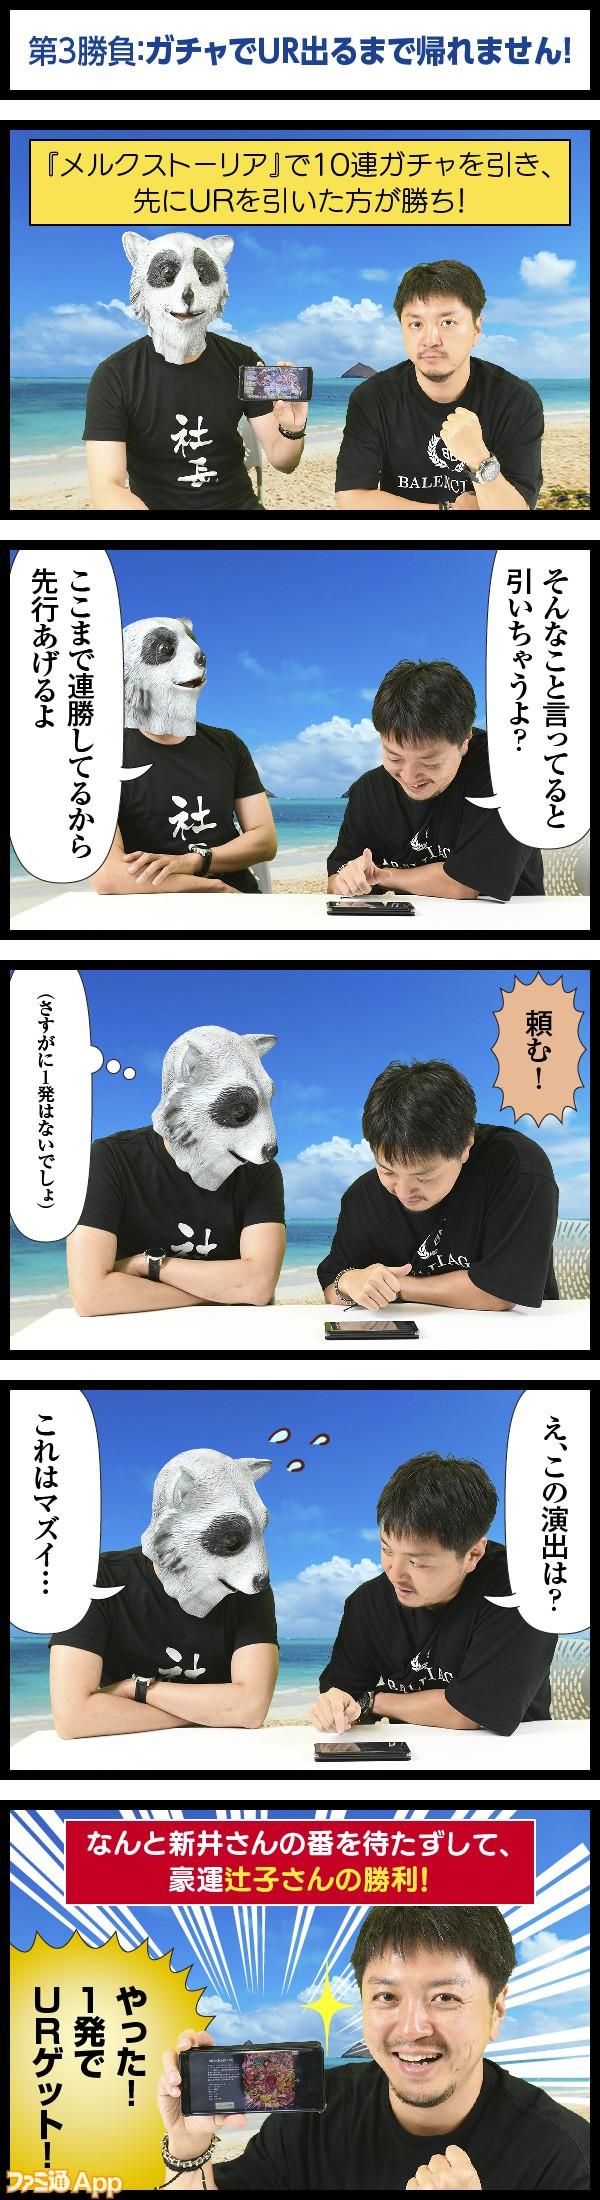 manga-nyanko-4